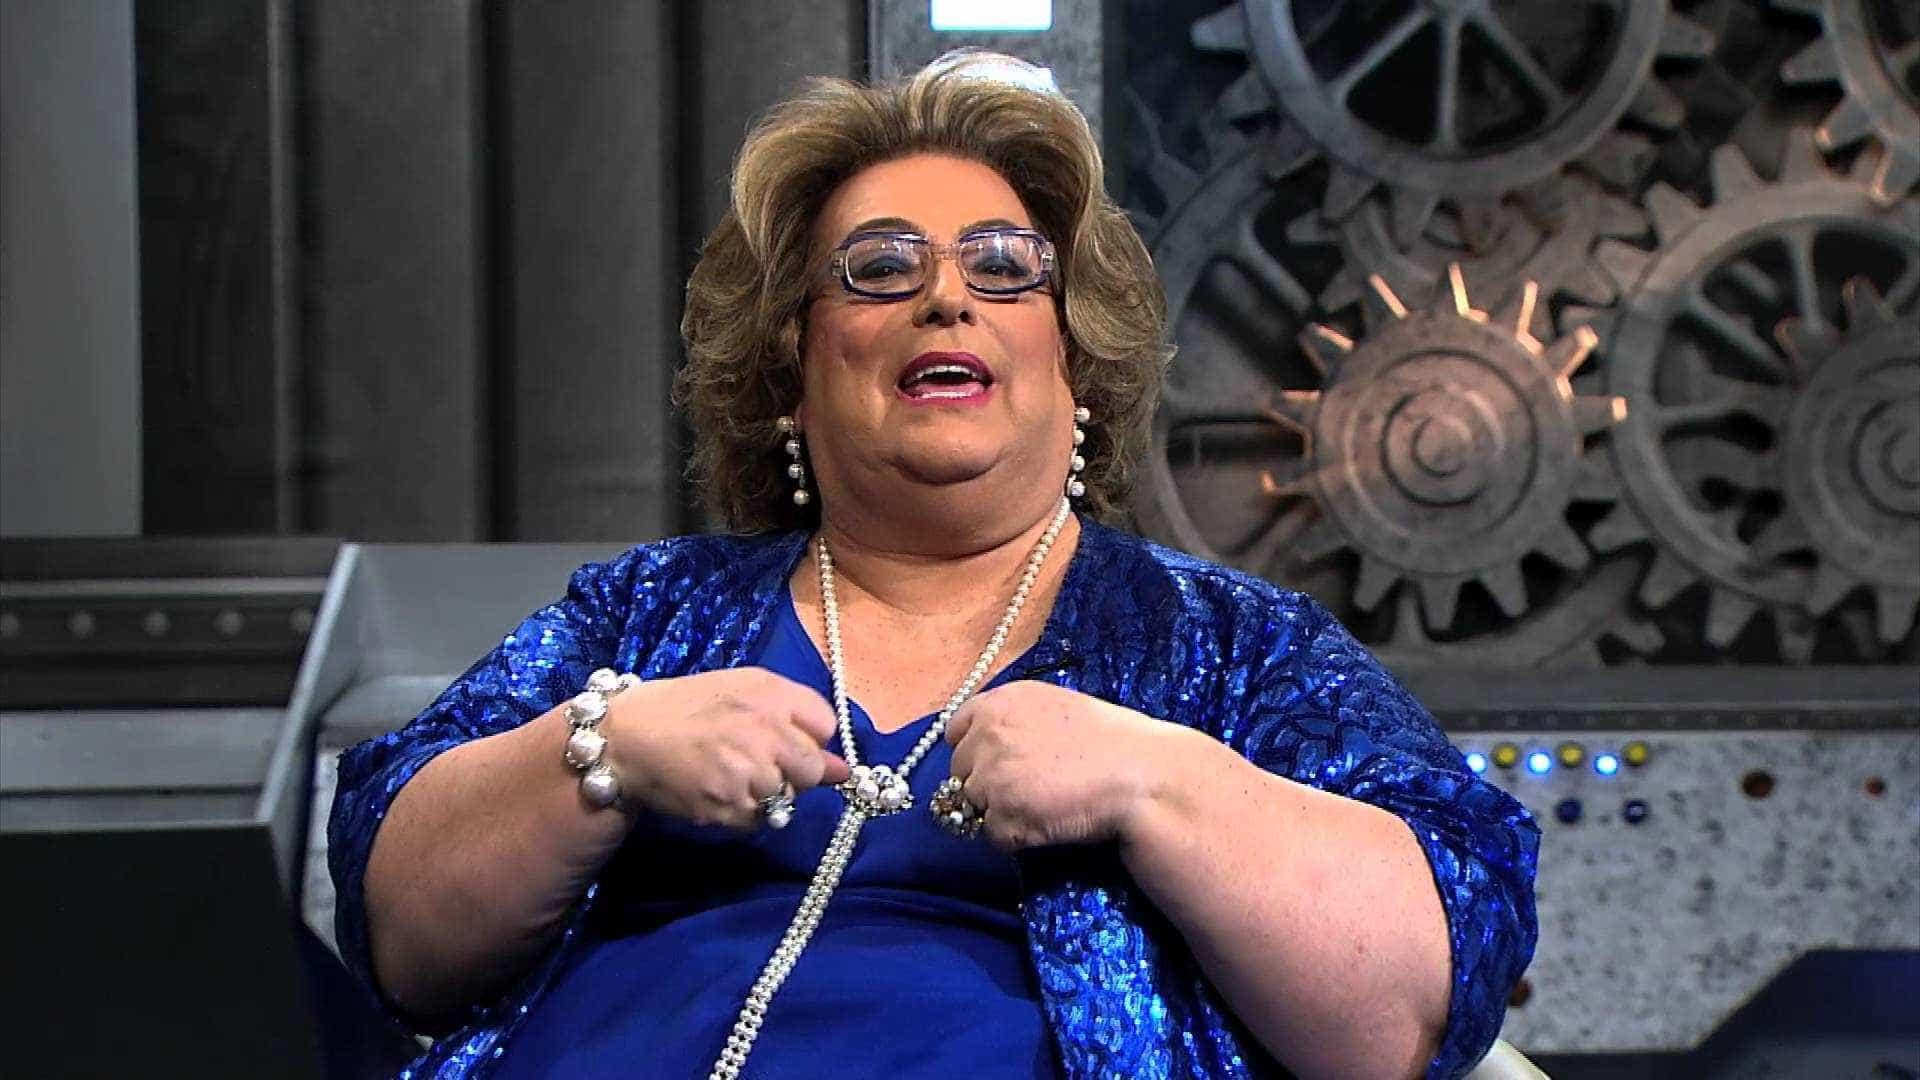 Mamma Bruschetta se emociona ao revelar vergonha do próprio corpo